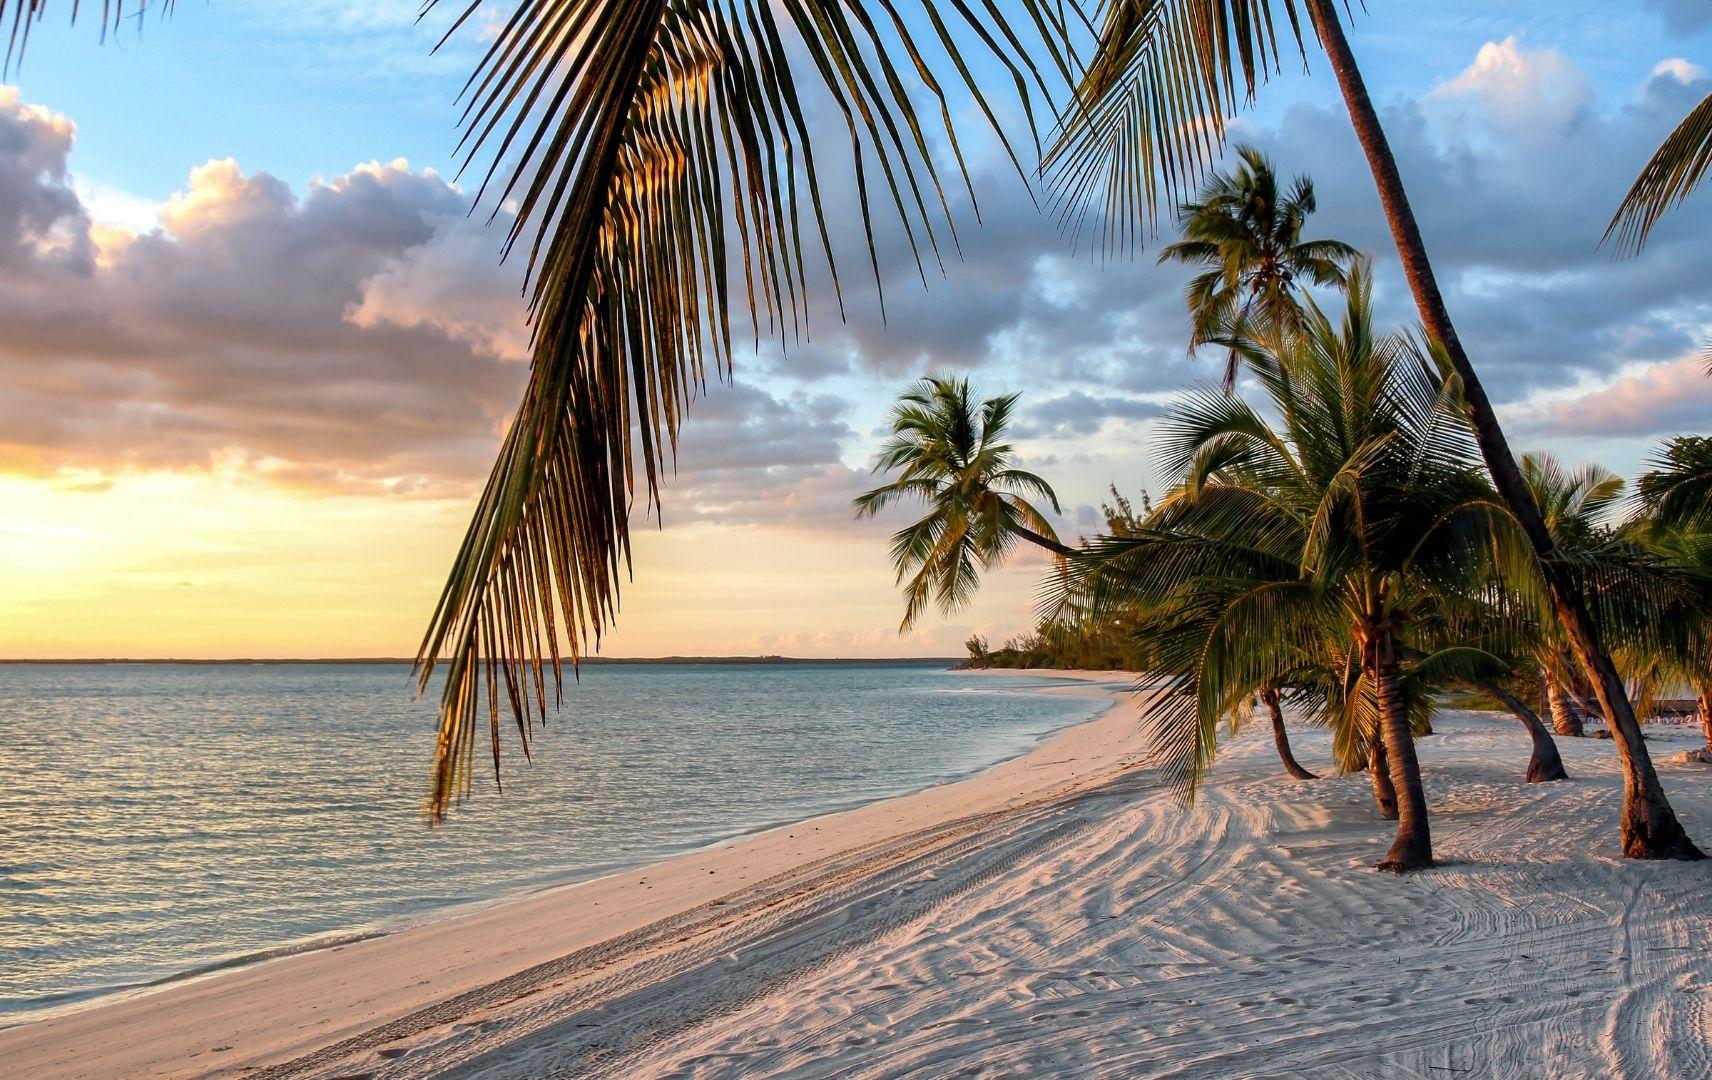 Strand mit Palmen und Sonnenuntergang, Bahamas